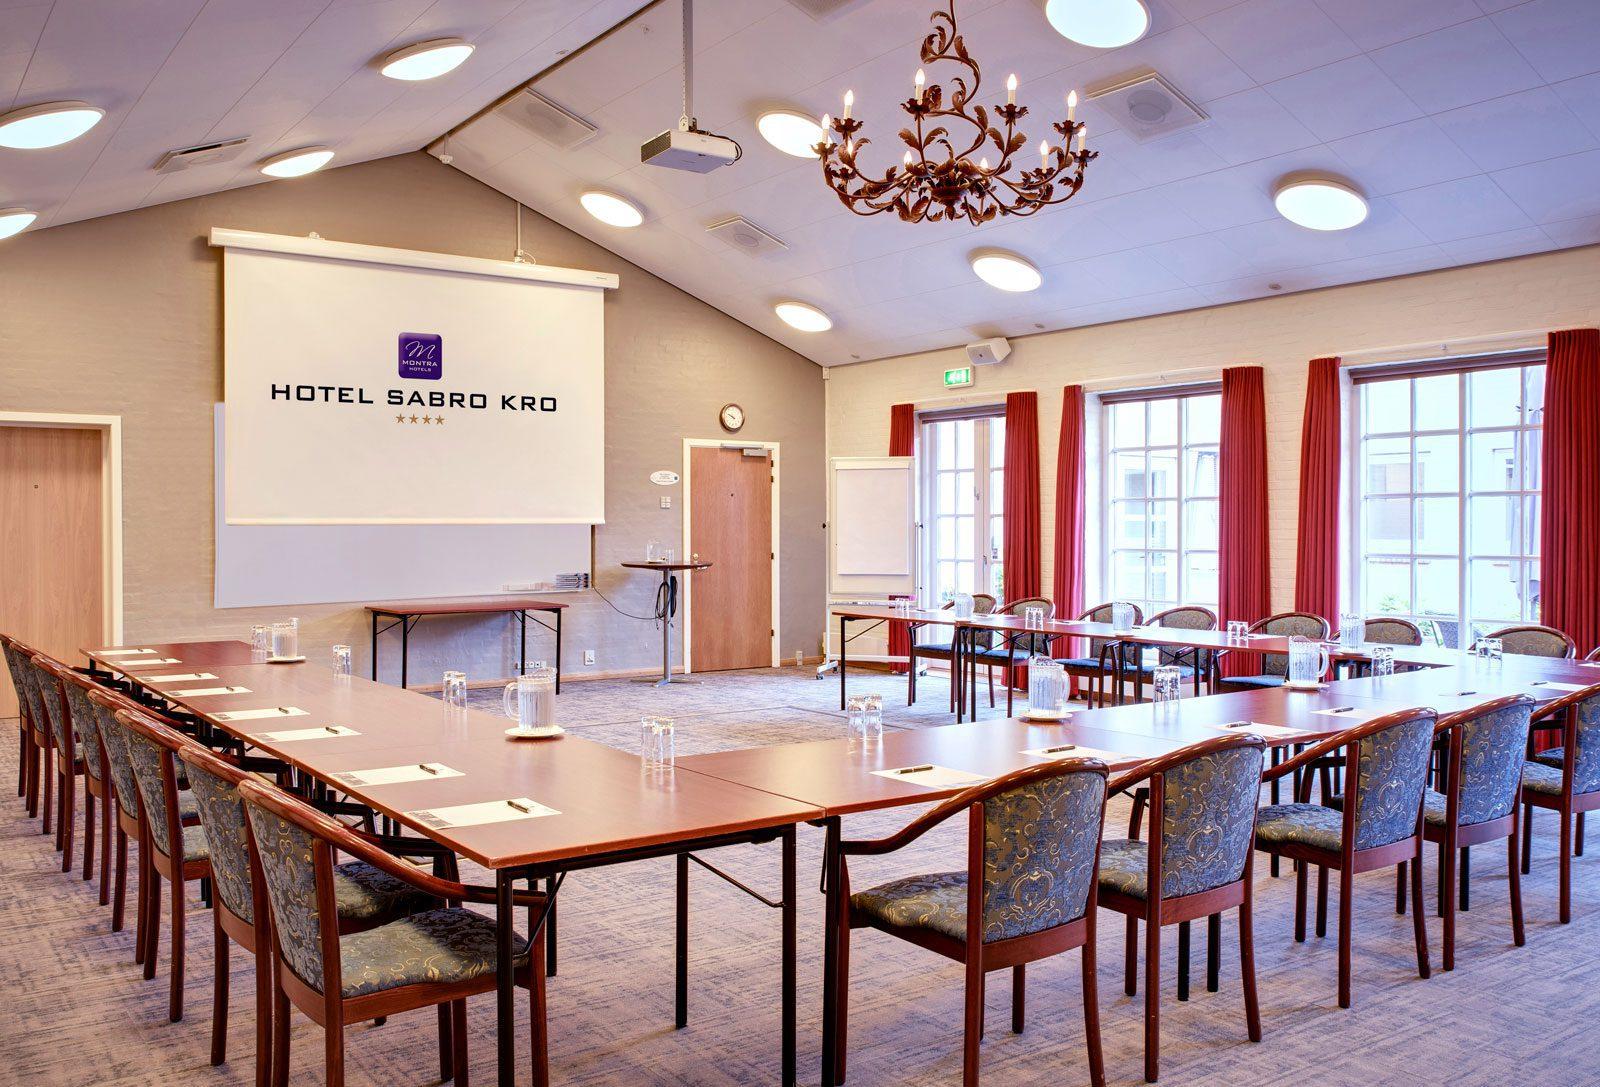 Møde og konference på Montra Hotel Sabro Kro